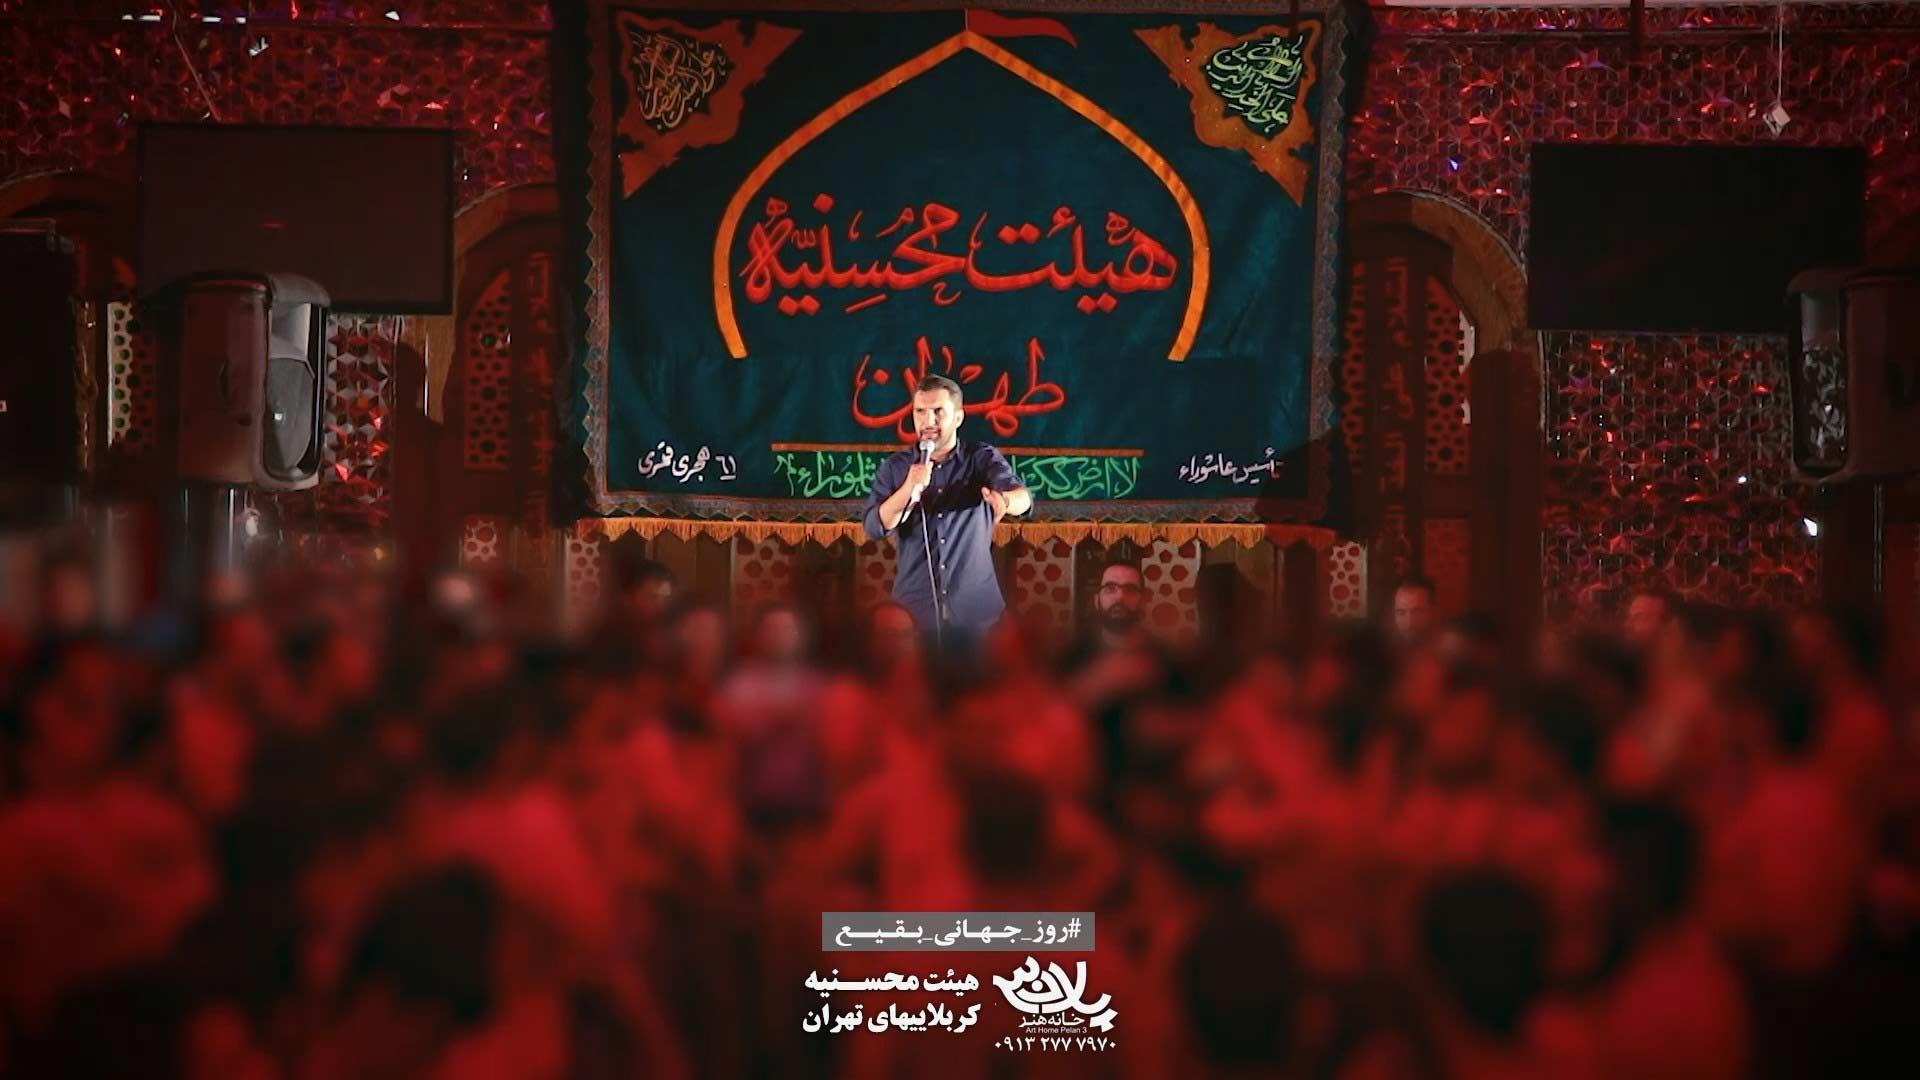 به نبی عربی حمید علیمی